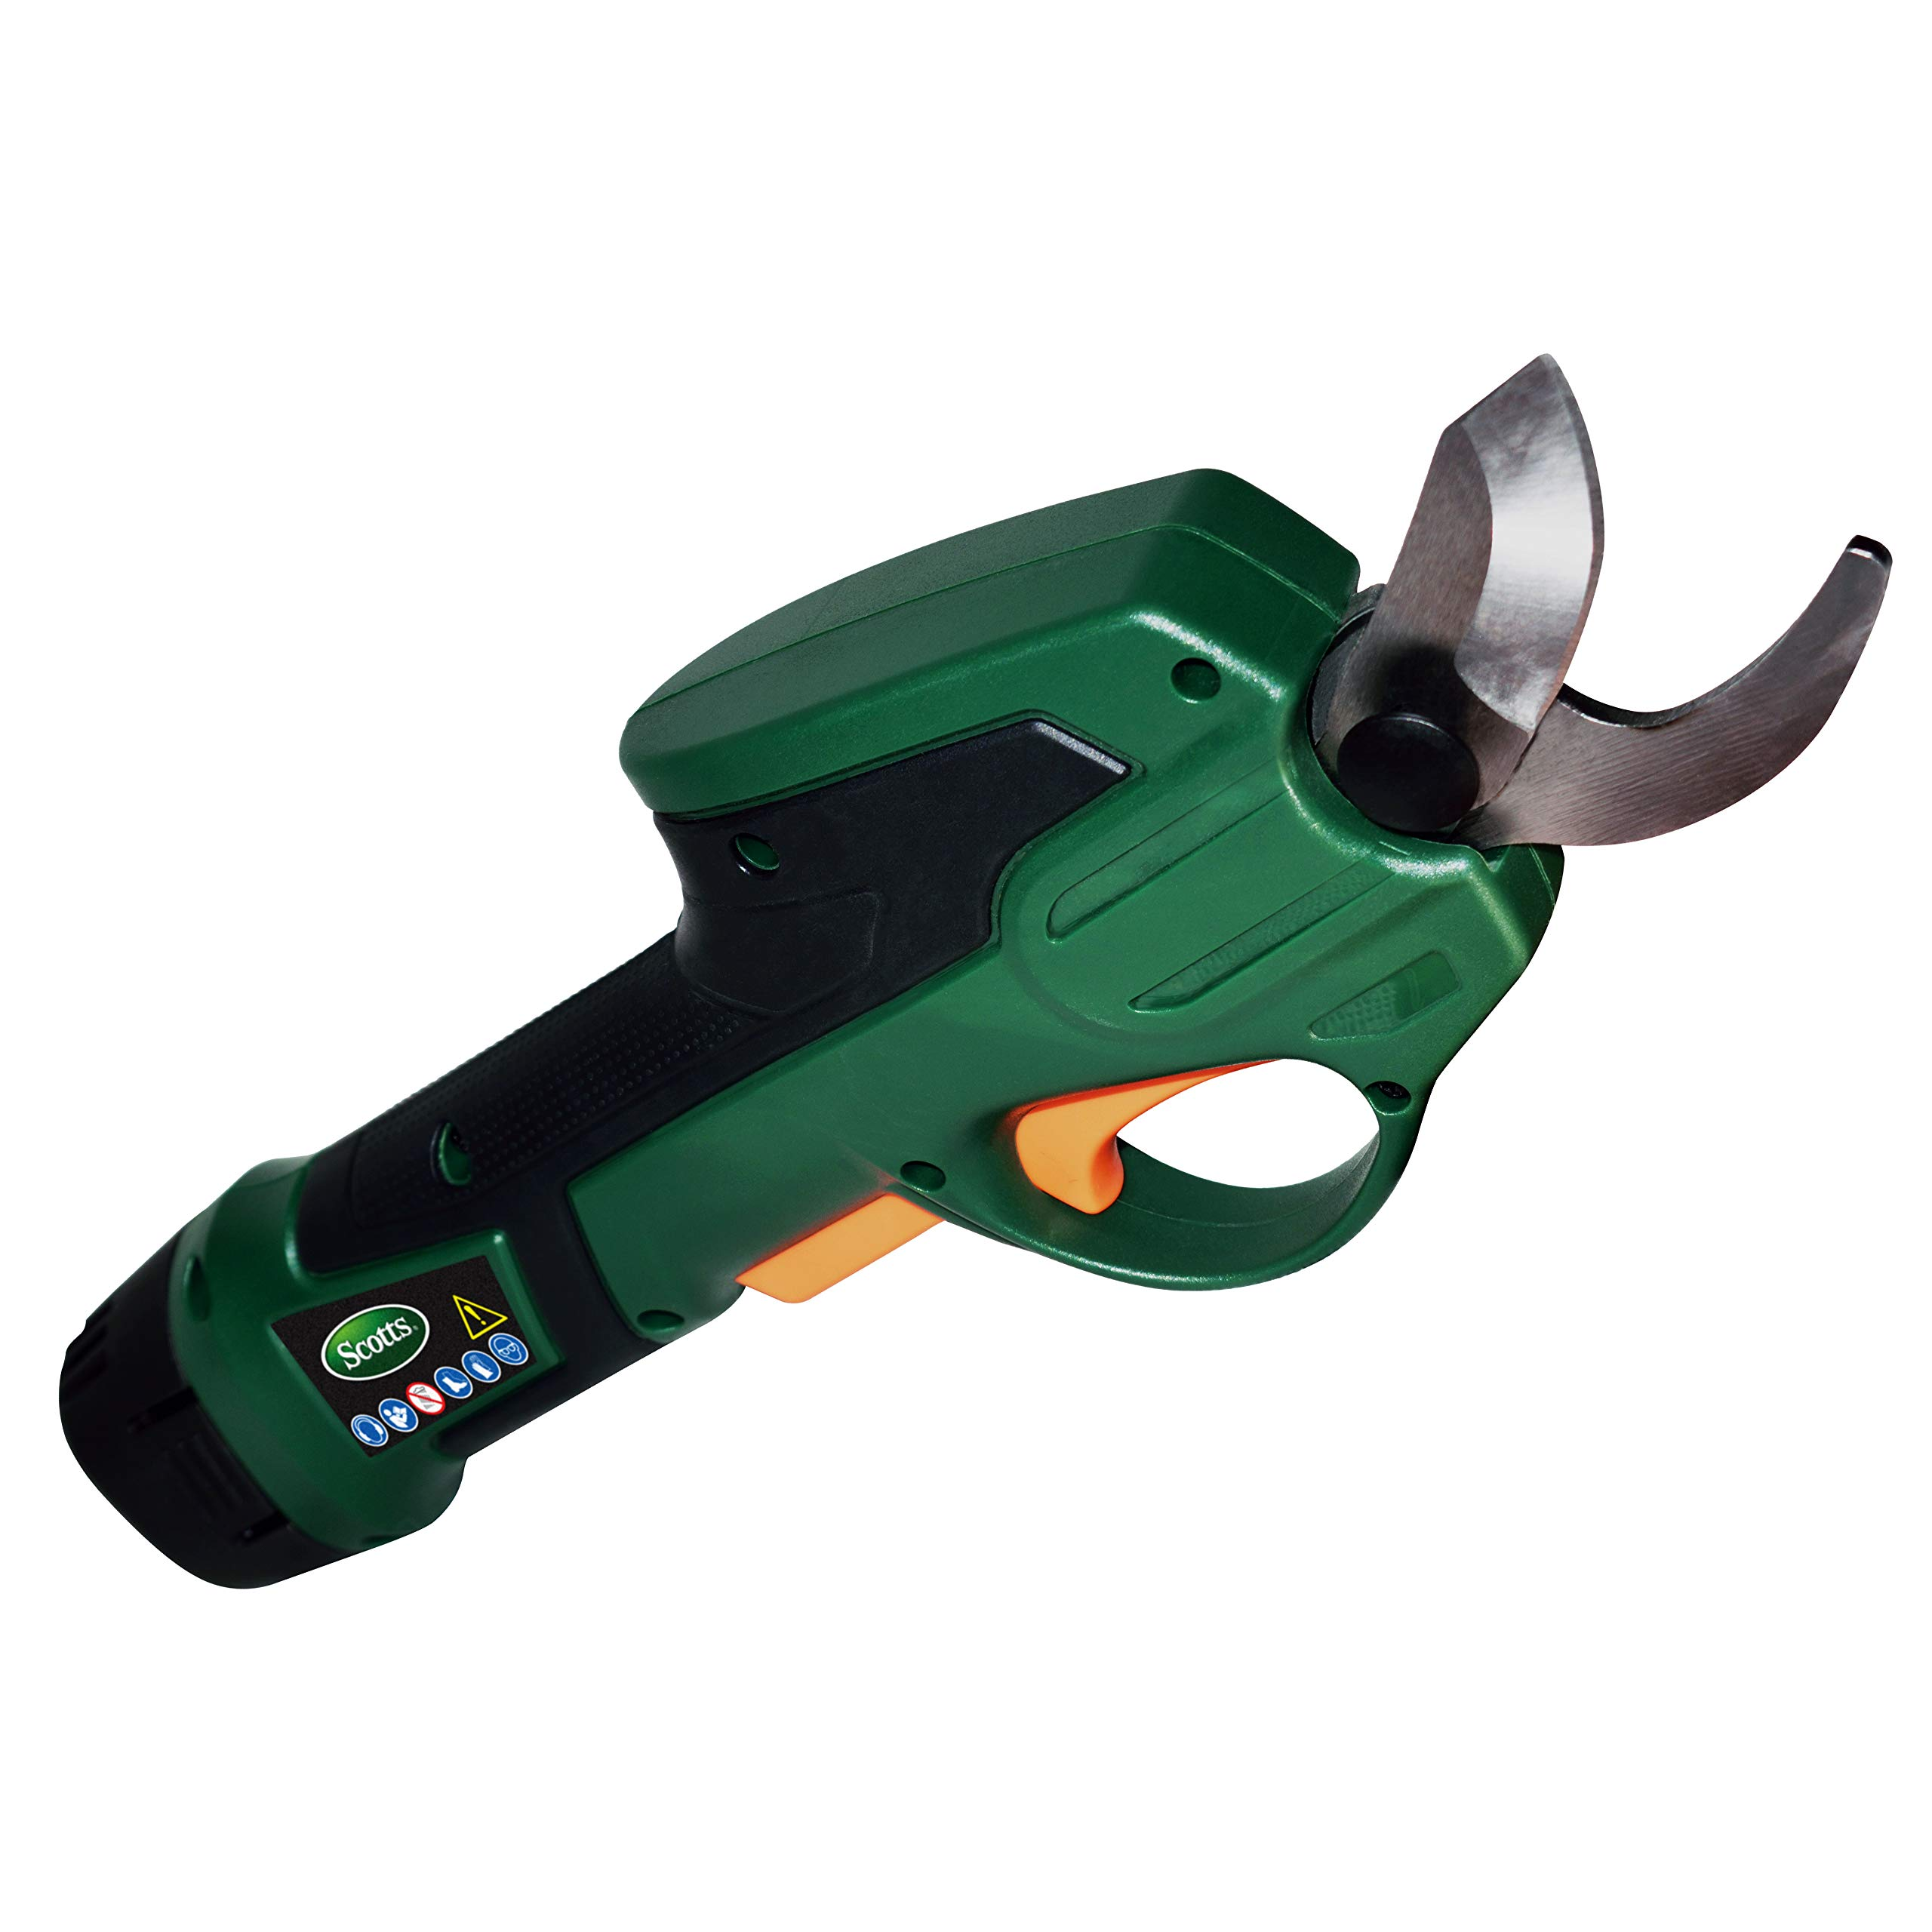 Scotts Outdoor Power Tools PR17215S